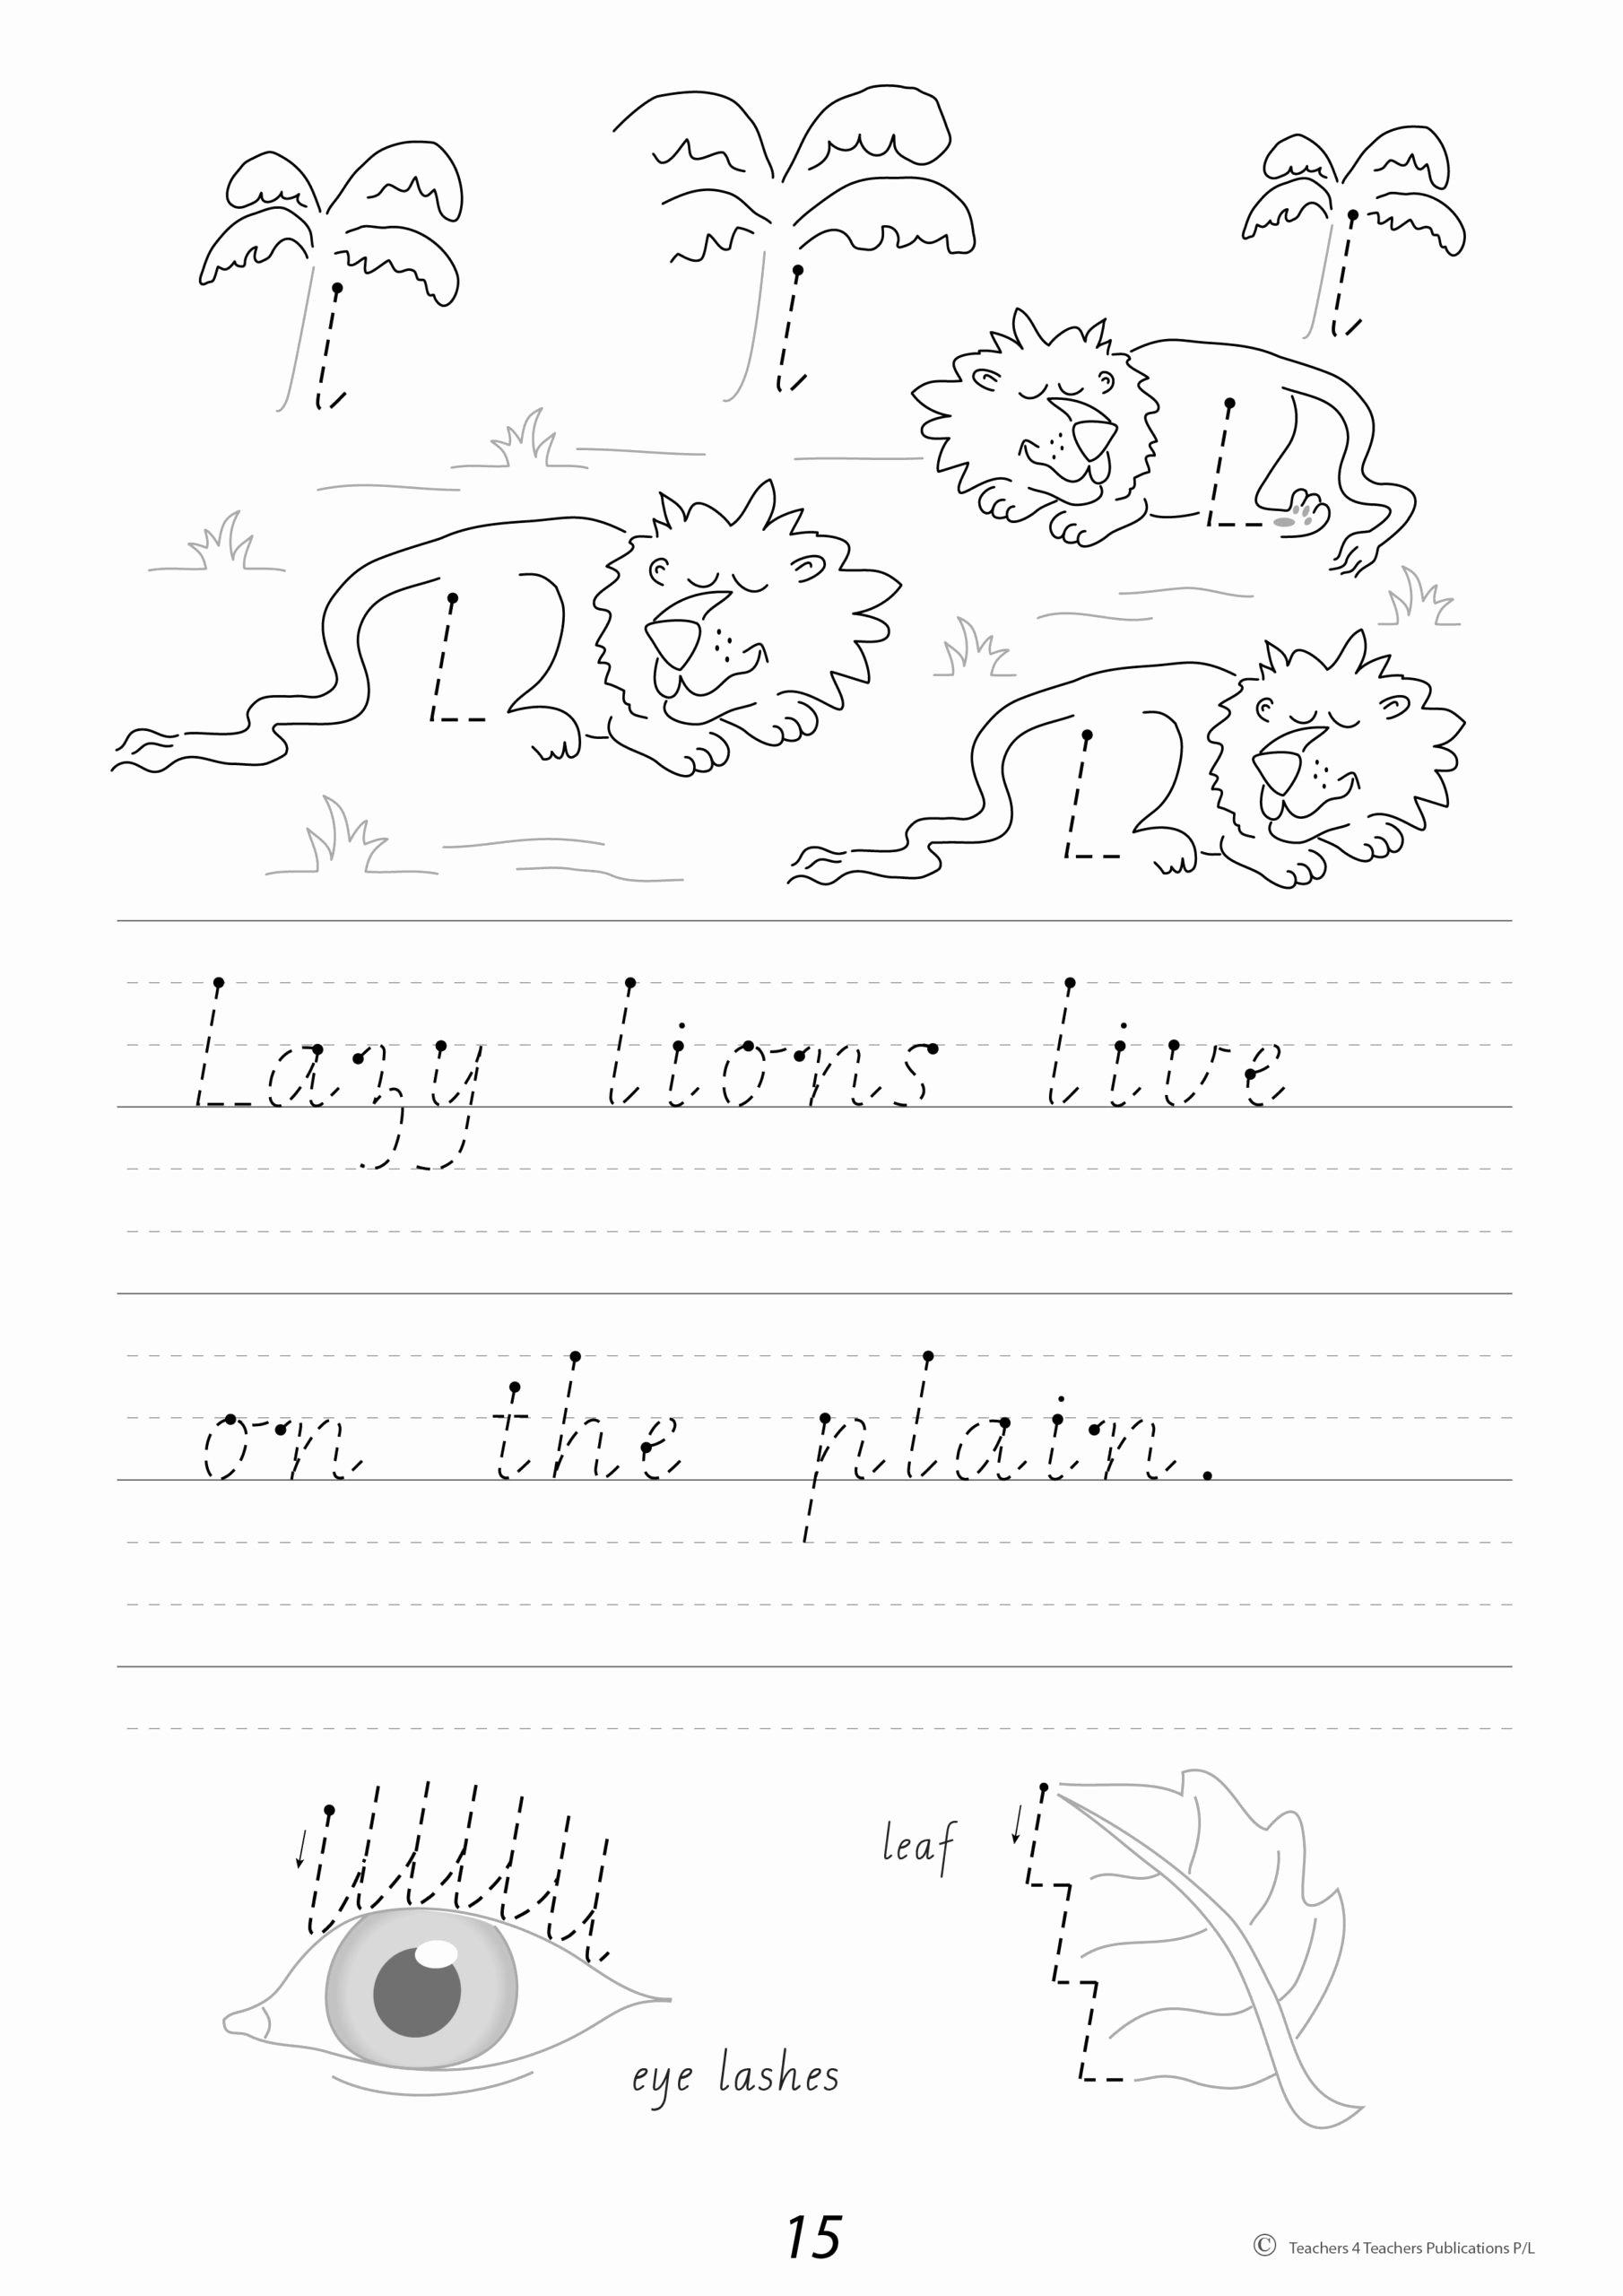 Practice Handwriting Worksheets for Preschoolers Lovely Worksheets Worksheet Free Printable Cursive Worksheets